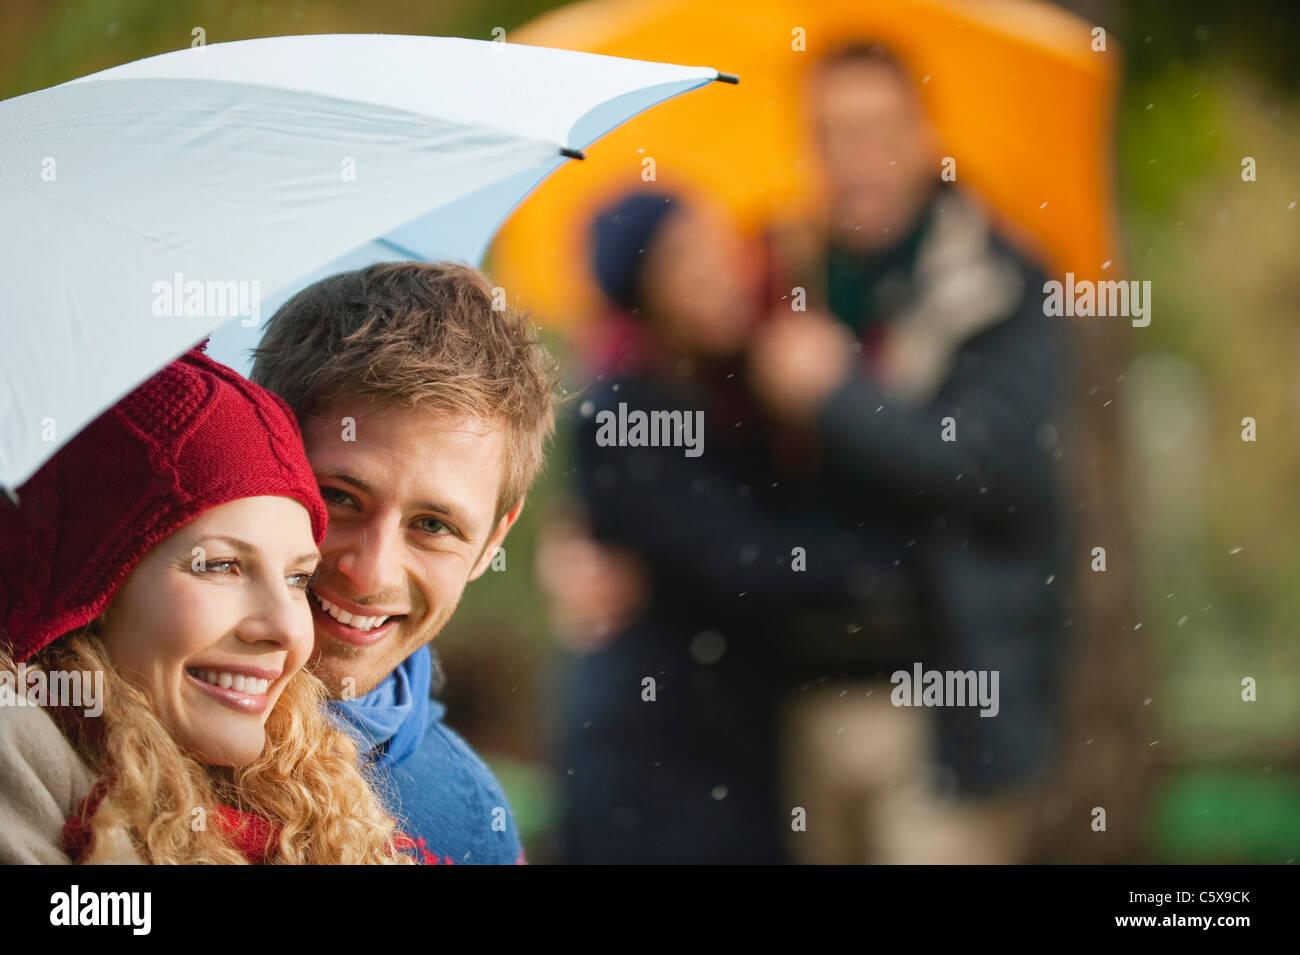 Deutschland, Bayern, englischer Garten, vier Personen im Biergarten, holding, Regenschirm, Lächeln, Porträt, Stockbild